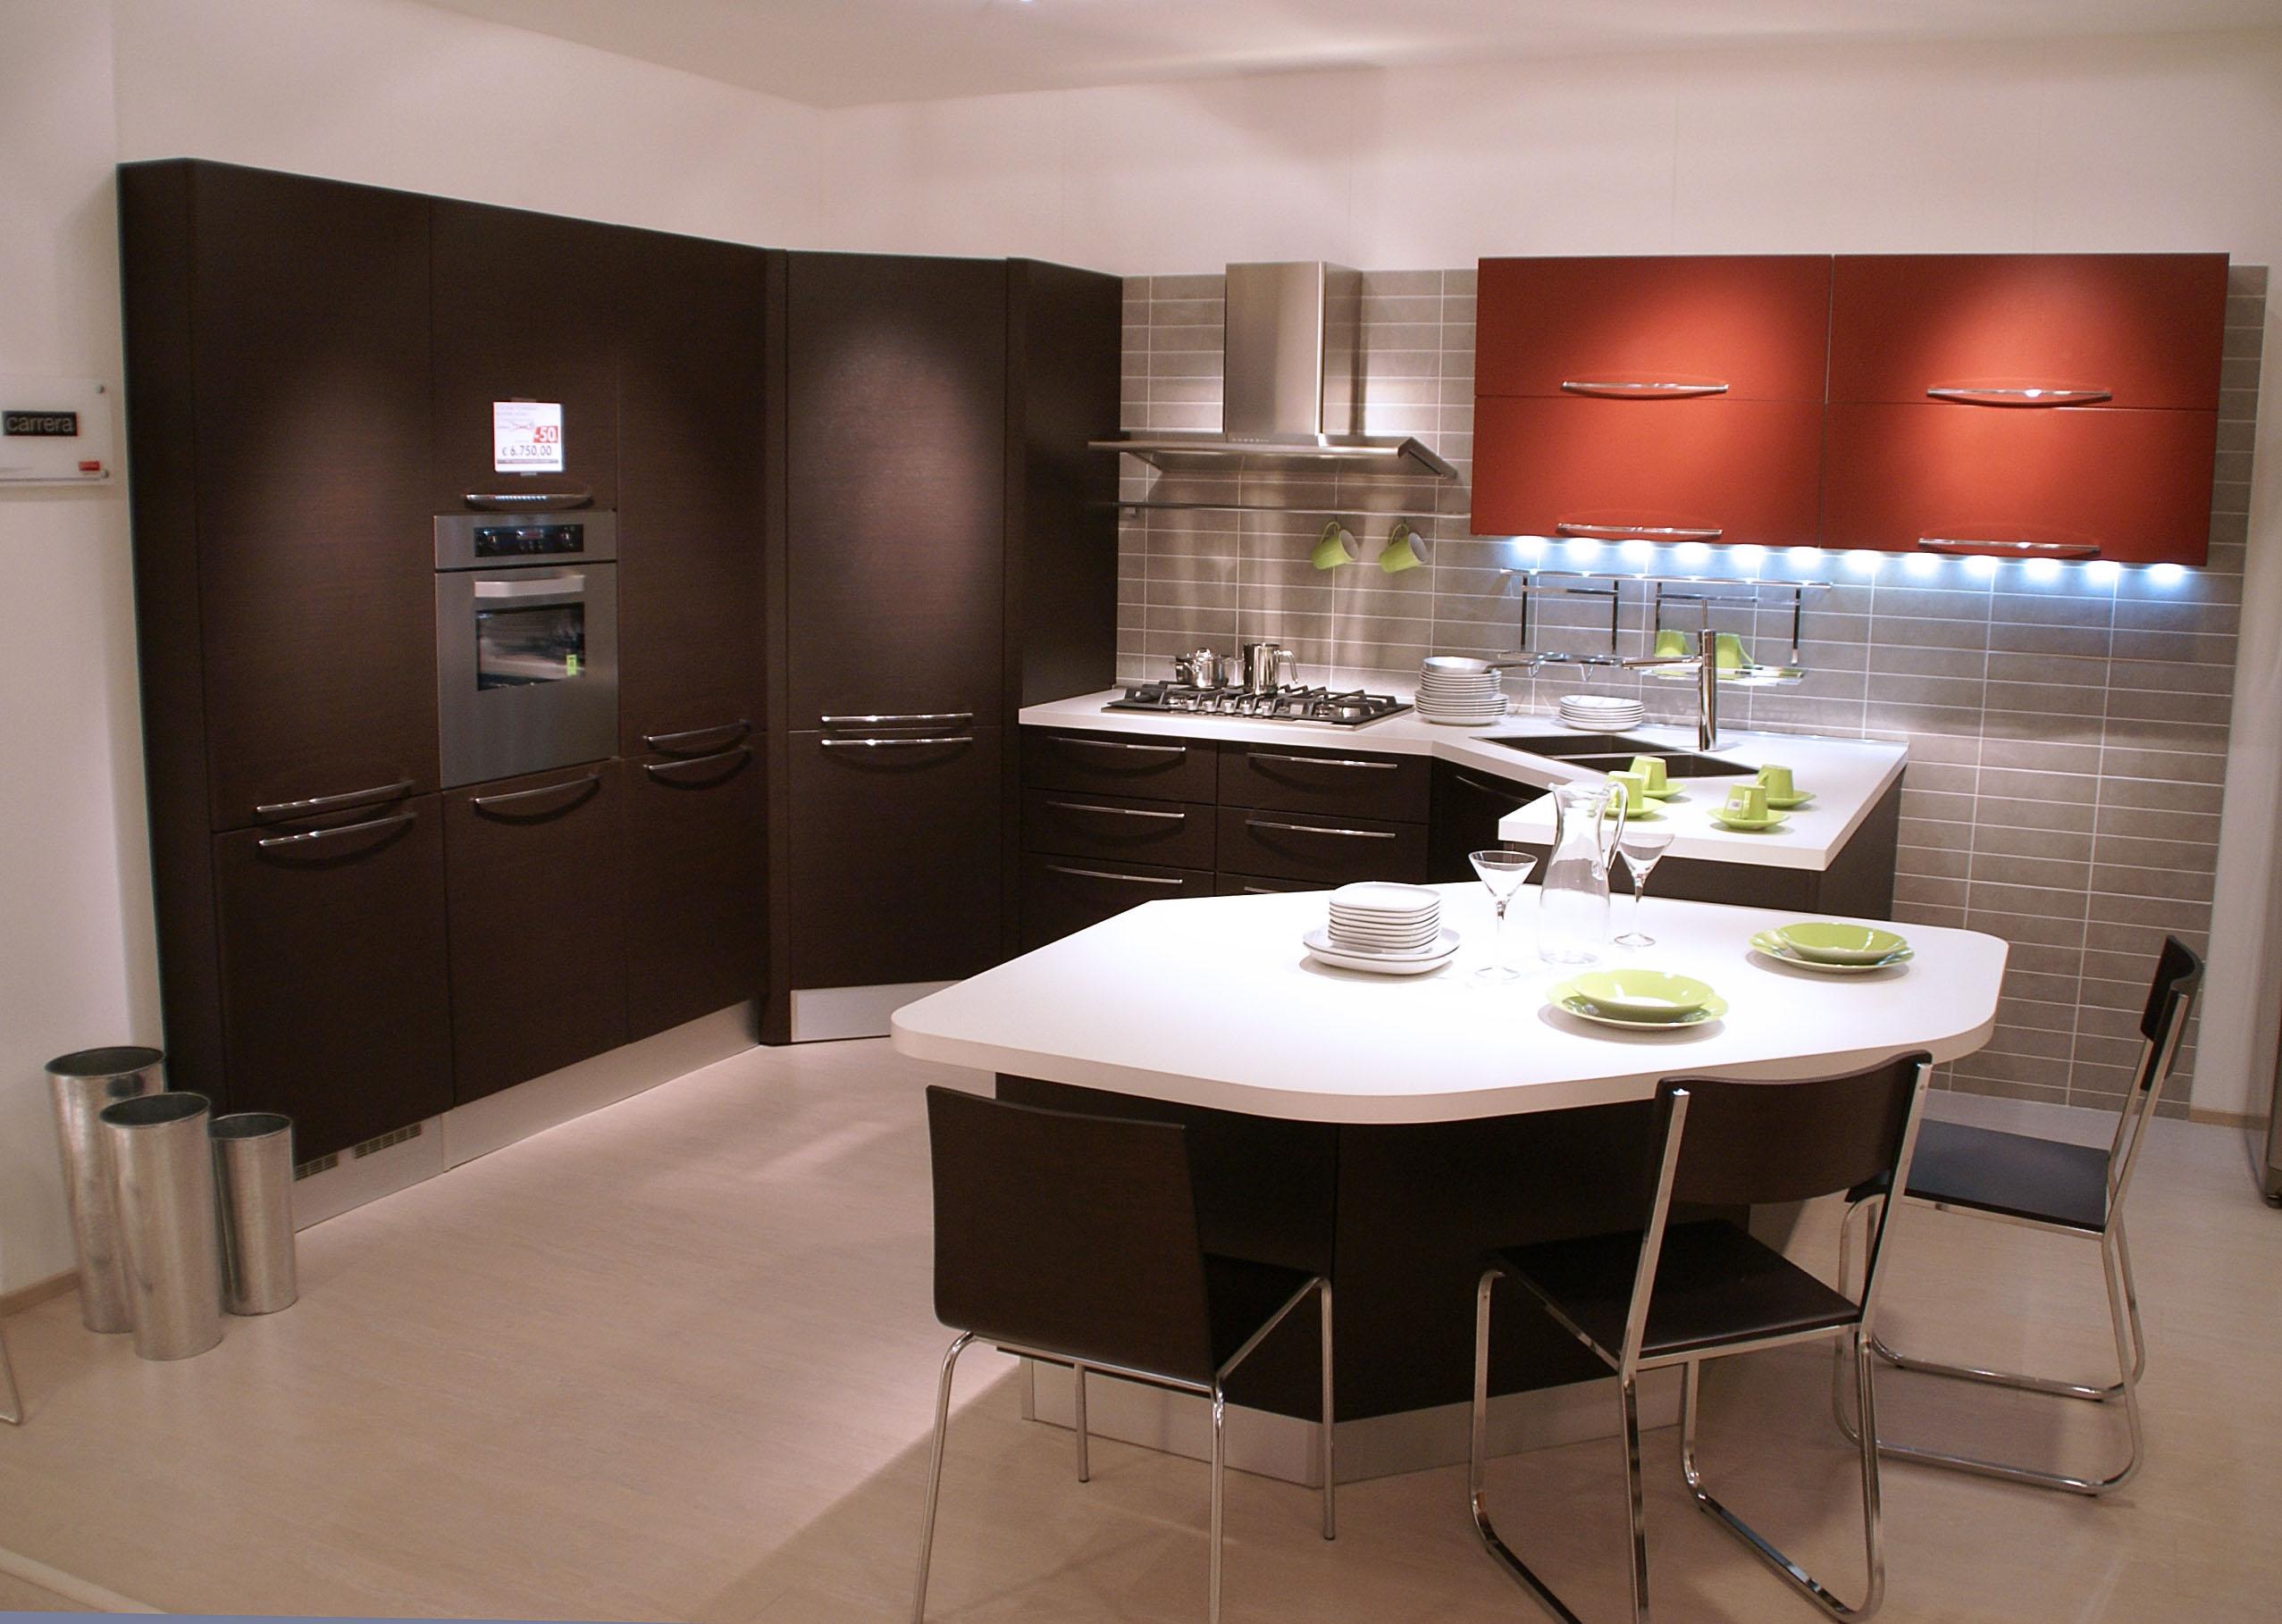 Cucina veneta cucine carrera pvc rovere scuro scontato del 60 cucine a prezzi scontati - Cucina veneta cucine ...